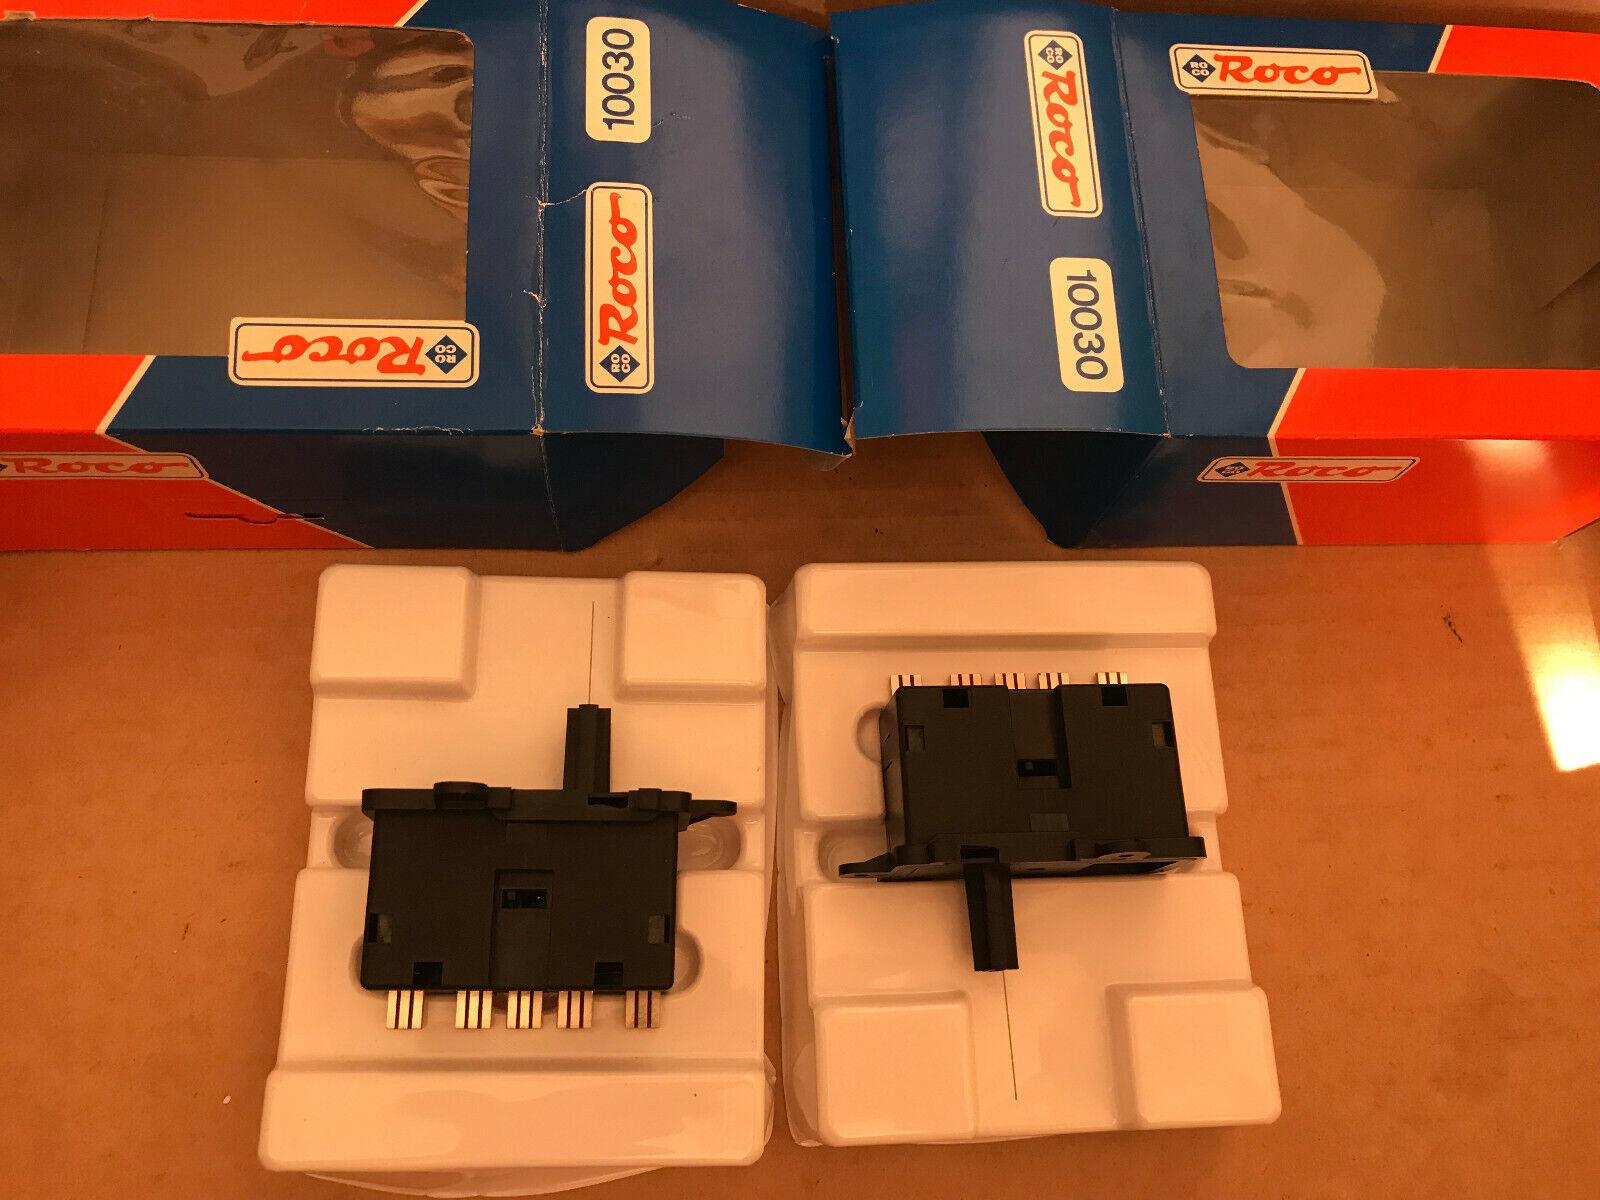 Roco 10030 2 X bajo pasillo-suave propulsión h0 nuevo + embalaje original